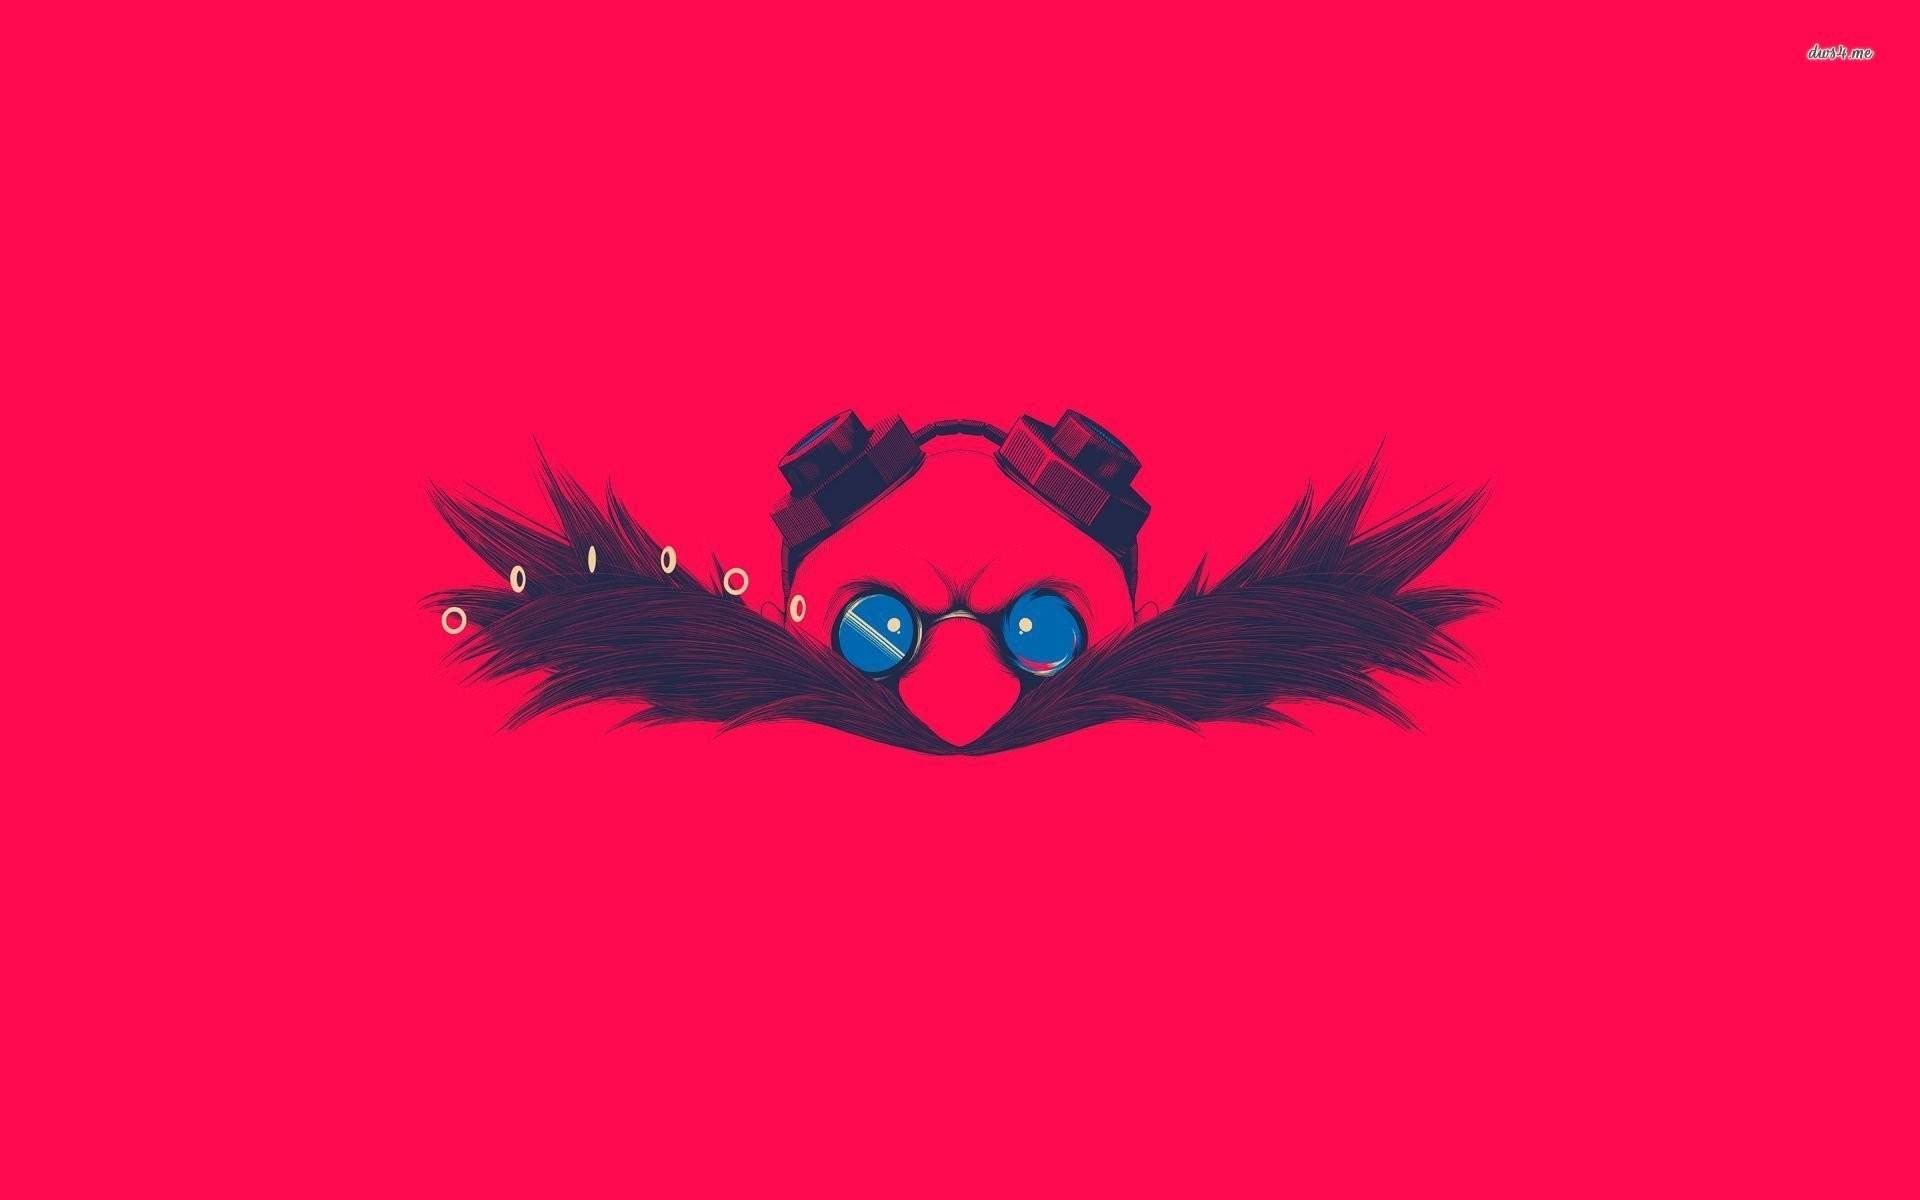 Doctor Eggman – Sonic The Hedgehog Wallpaper